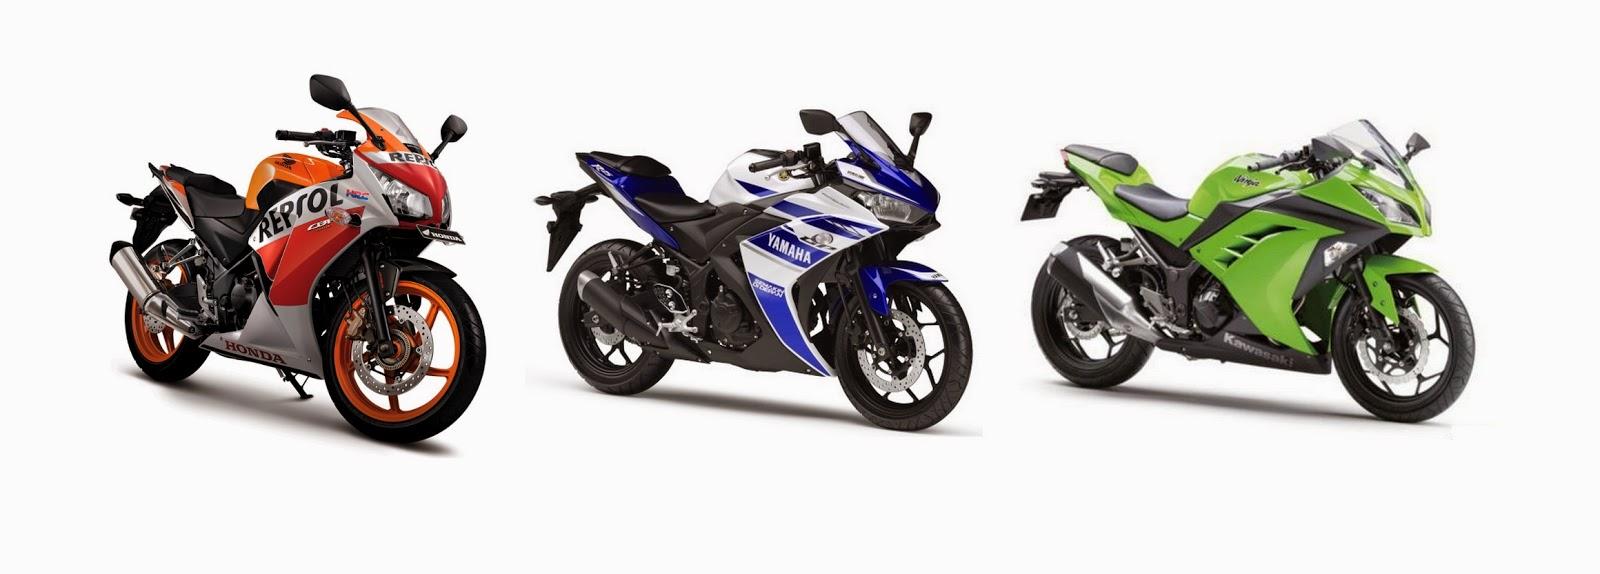 Yamaha YZF-R25 VS Ninja 250 vs CBR 250R